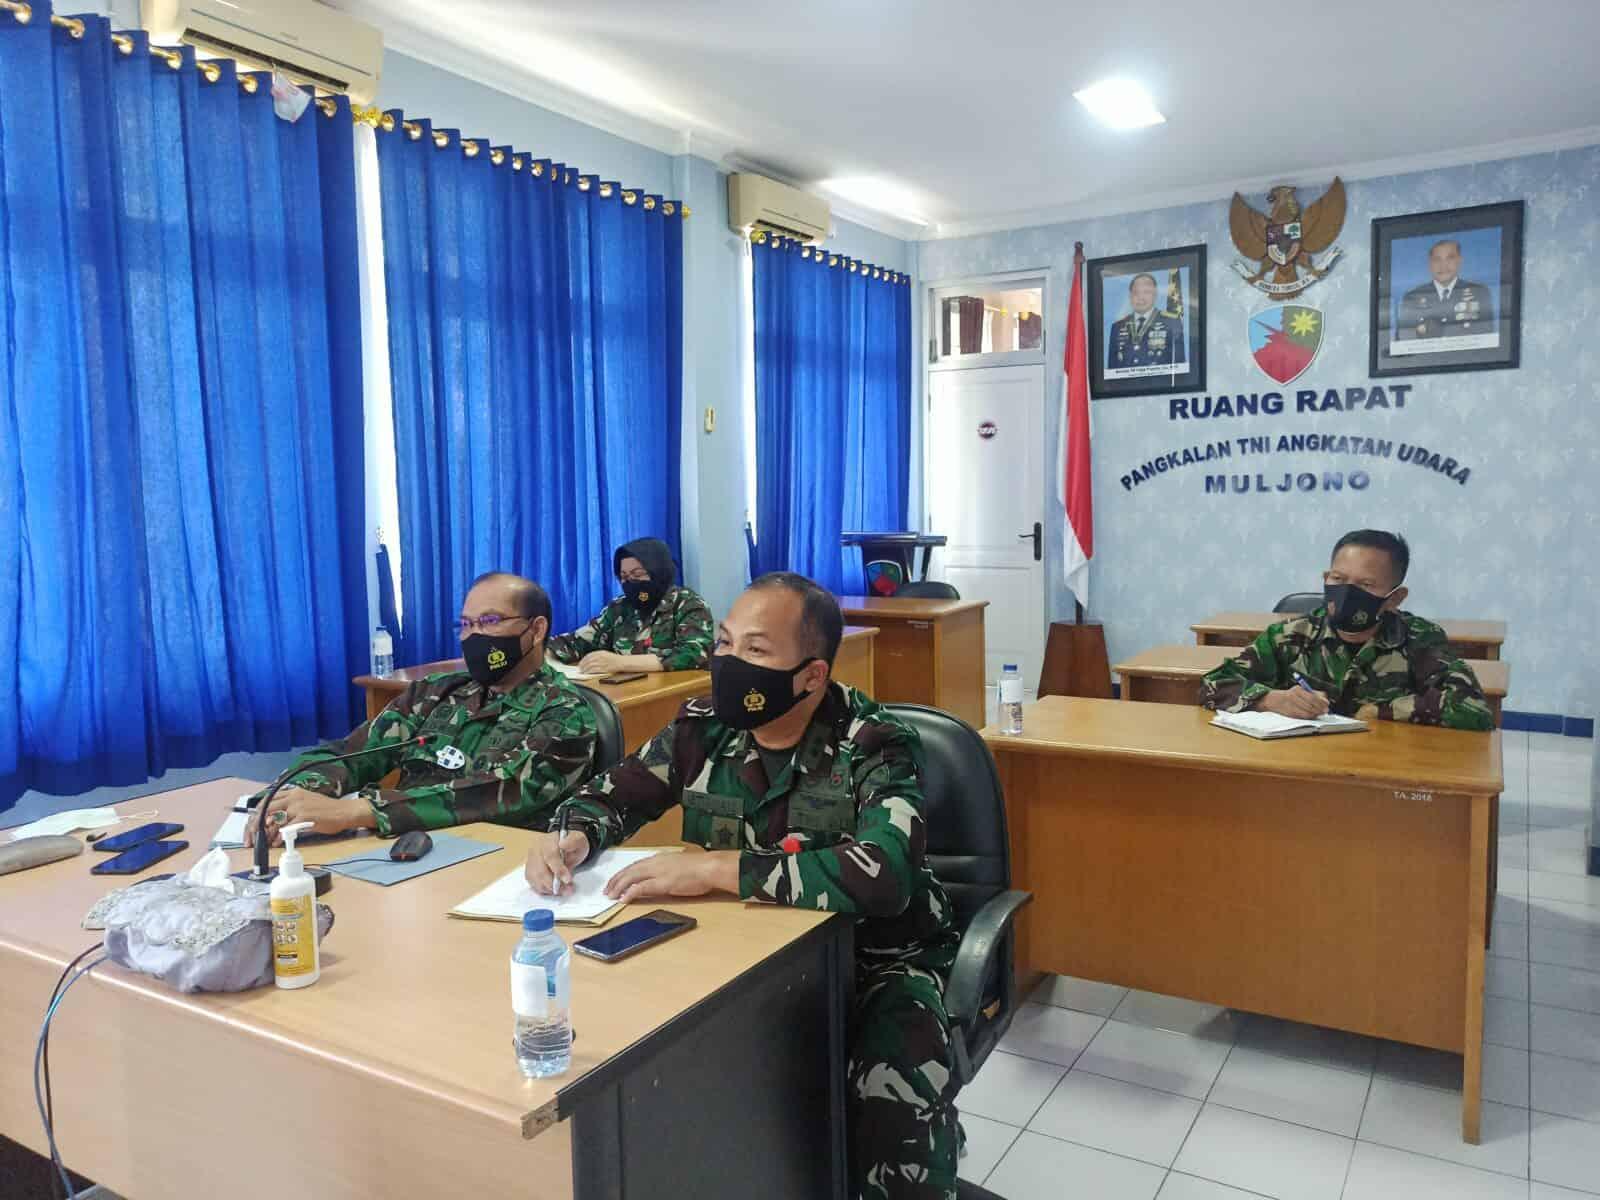 Danlanud Muljono mengikuti Vicon kegiatan rencana PPKM Darurat